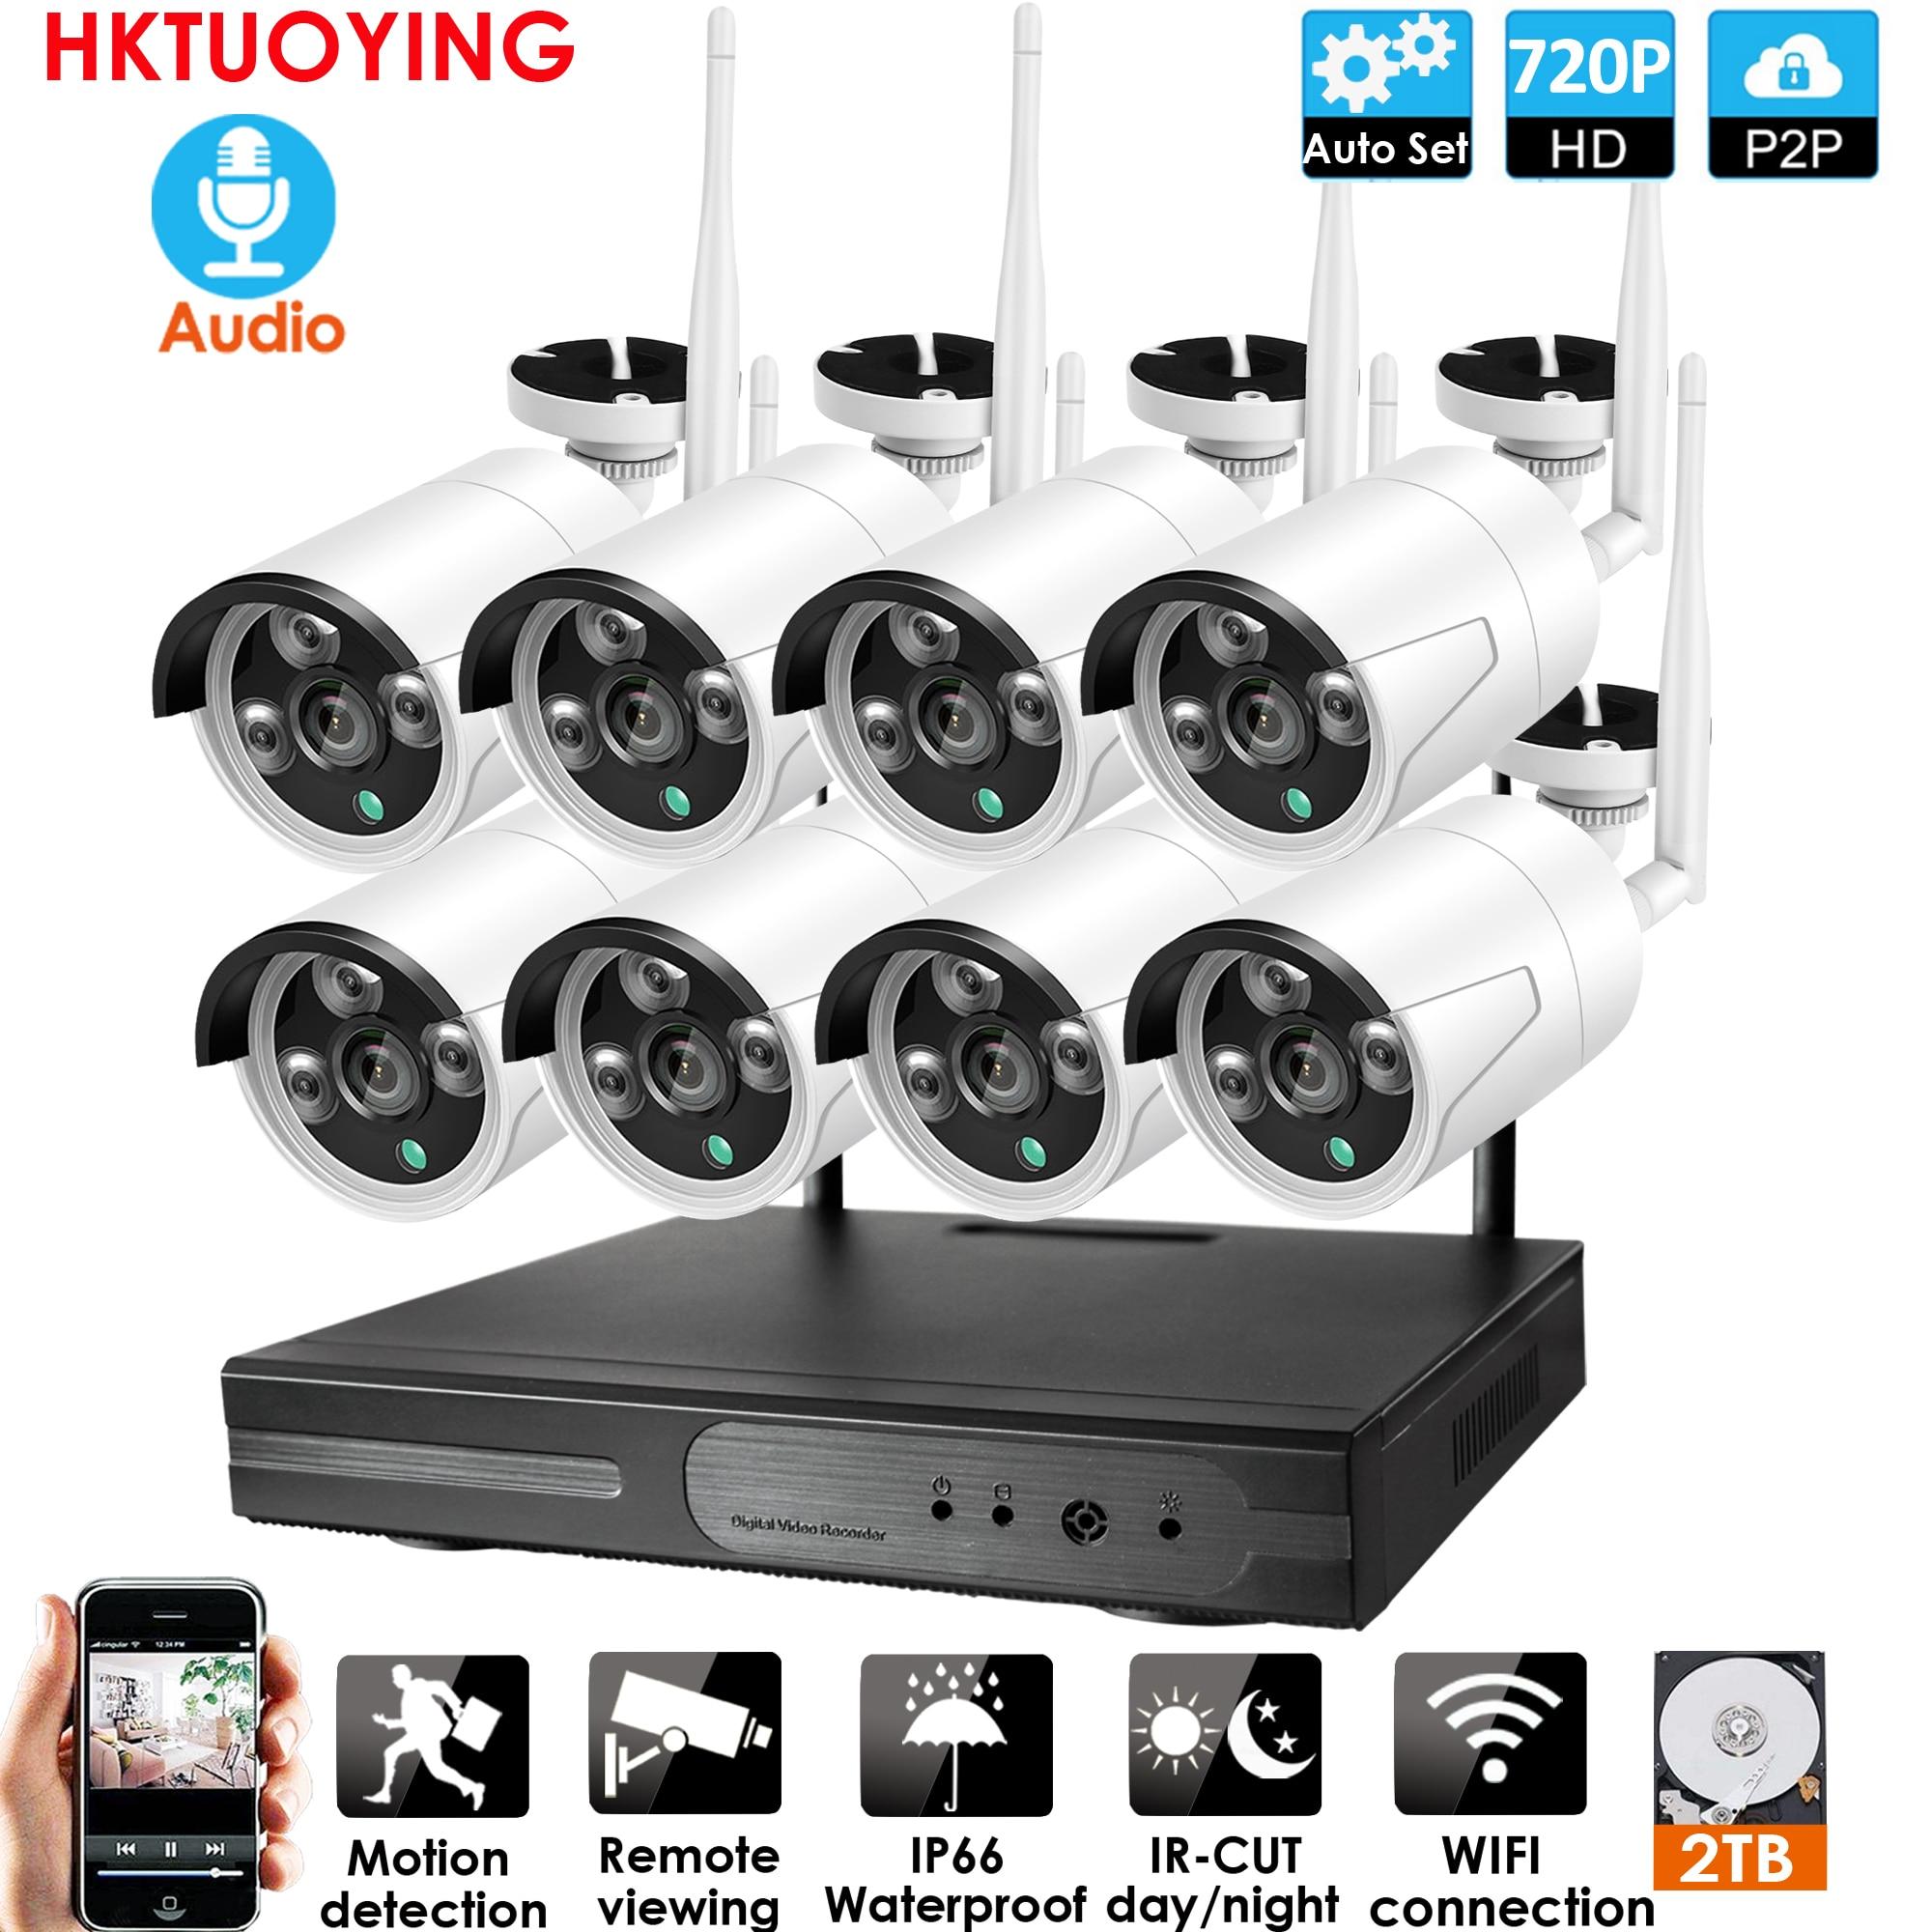 Plug and play 8ch áudio 1080 p hd sem fio nvr kit p2p 720 p indoor ao ar livre visão noturna segurança 1.0mp ip câmera wi-fi sistema de cctv